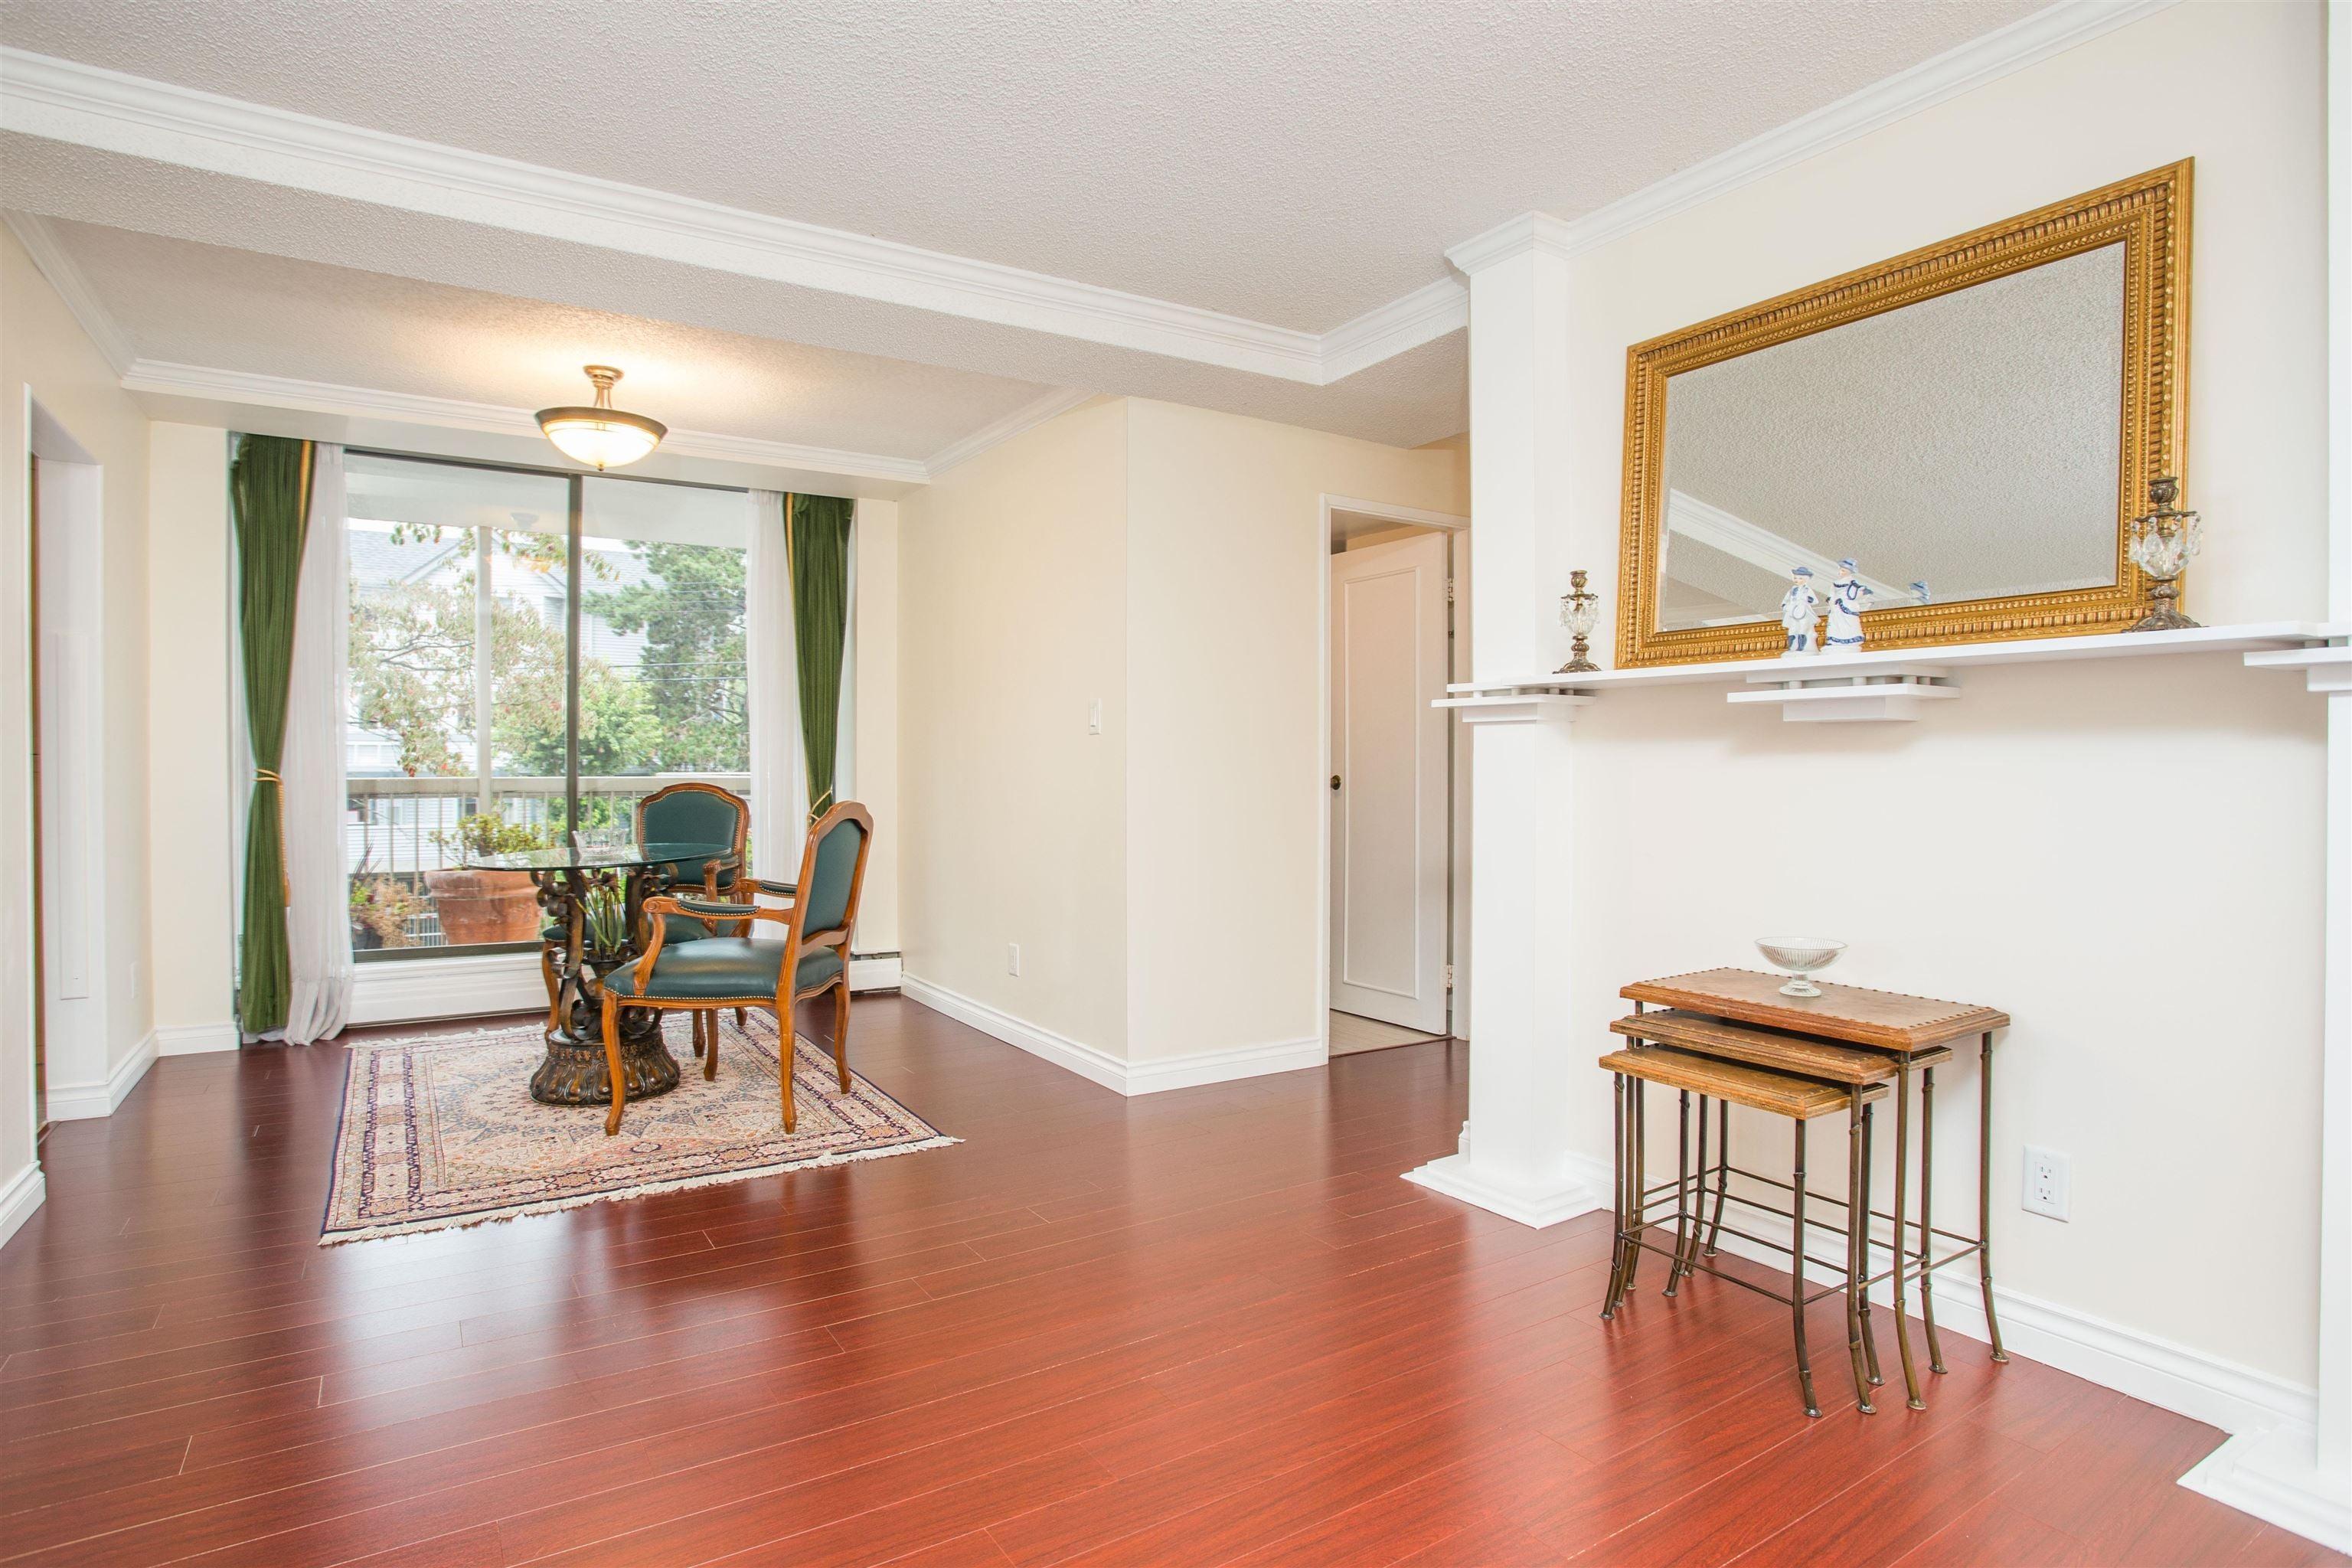 203 1390 DUCHESS AVENUE - Ambleside Apartment/Condo for sale, 1 Bedroom (R2611618) - #6